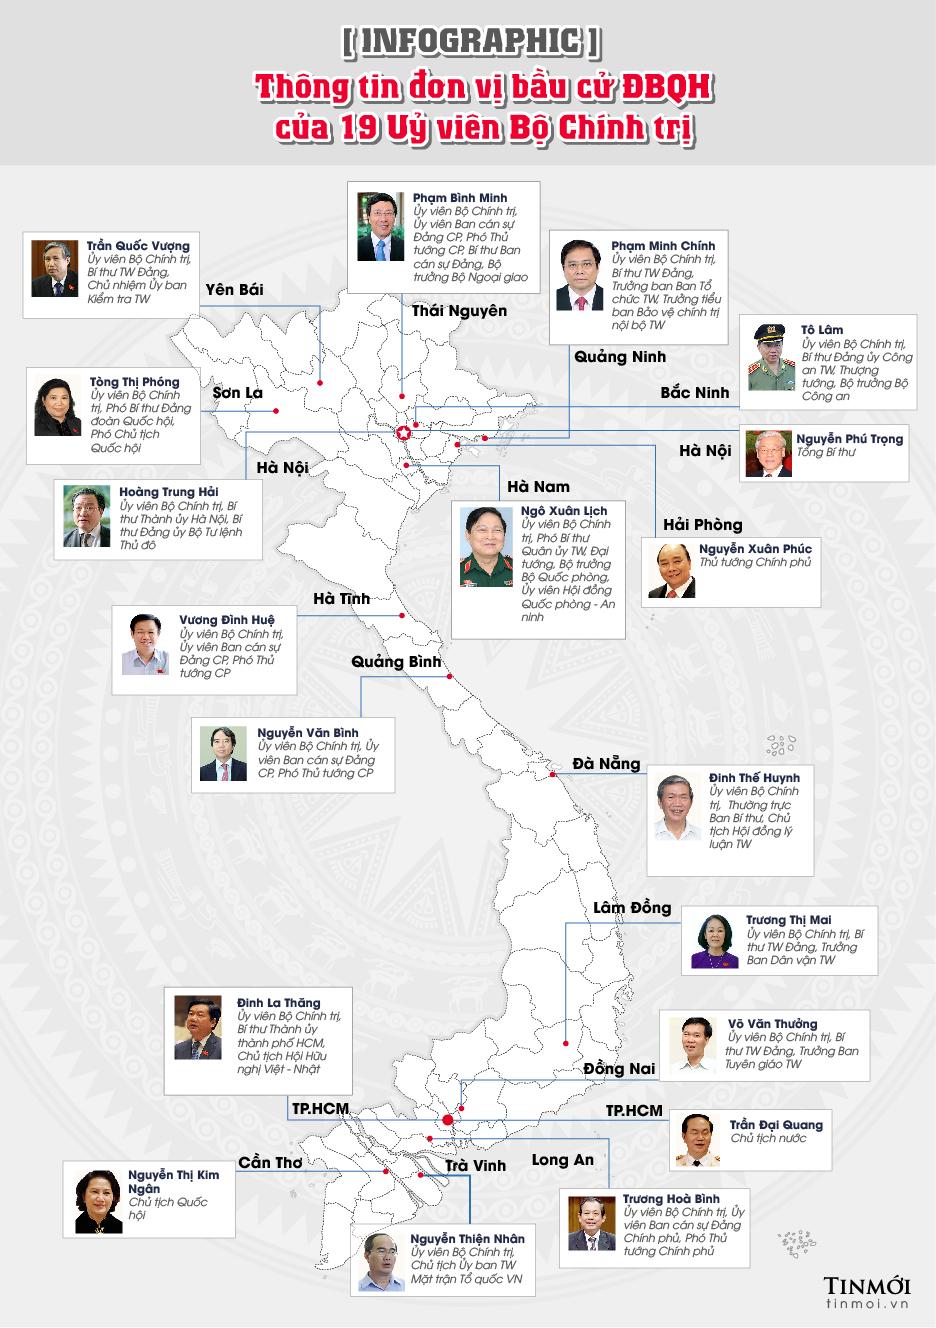 Infographic: Thông tin đơn vị bầu cử ĐBQH của 19 Uỷ viên Bộ Chính trị 1